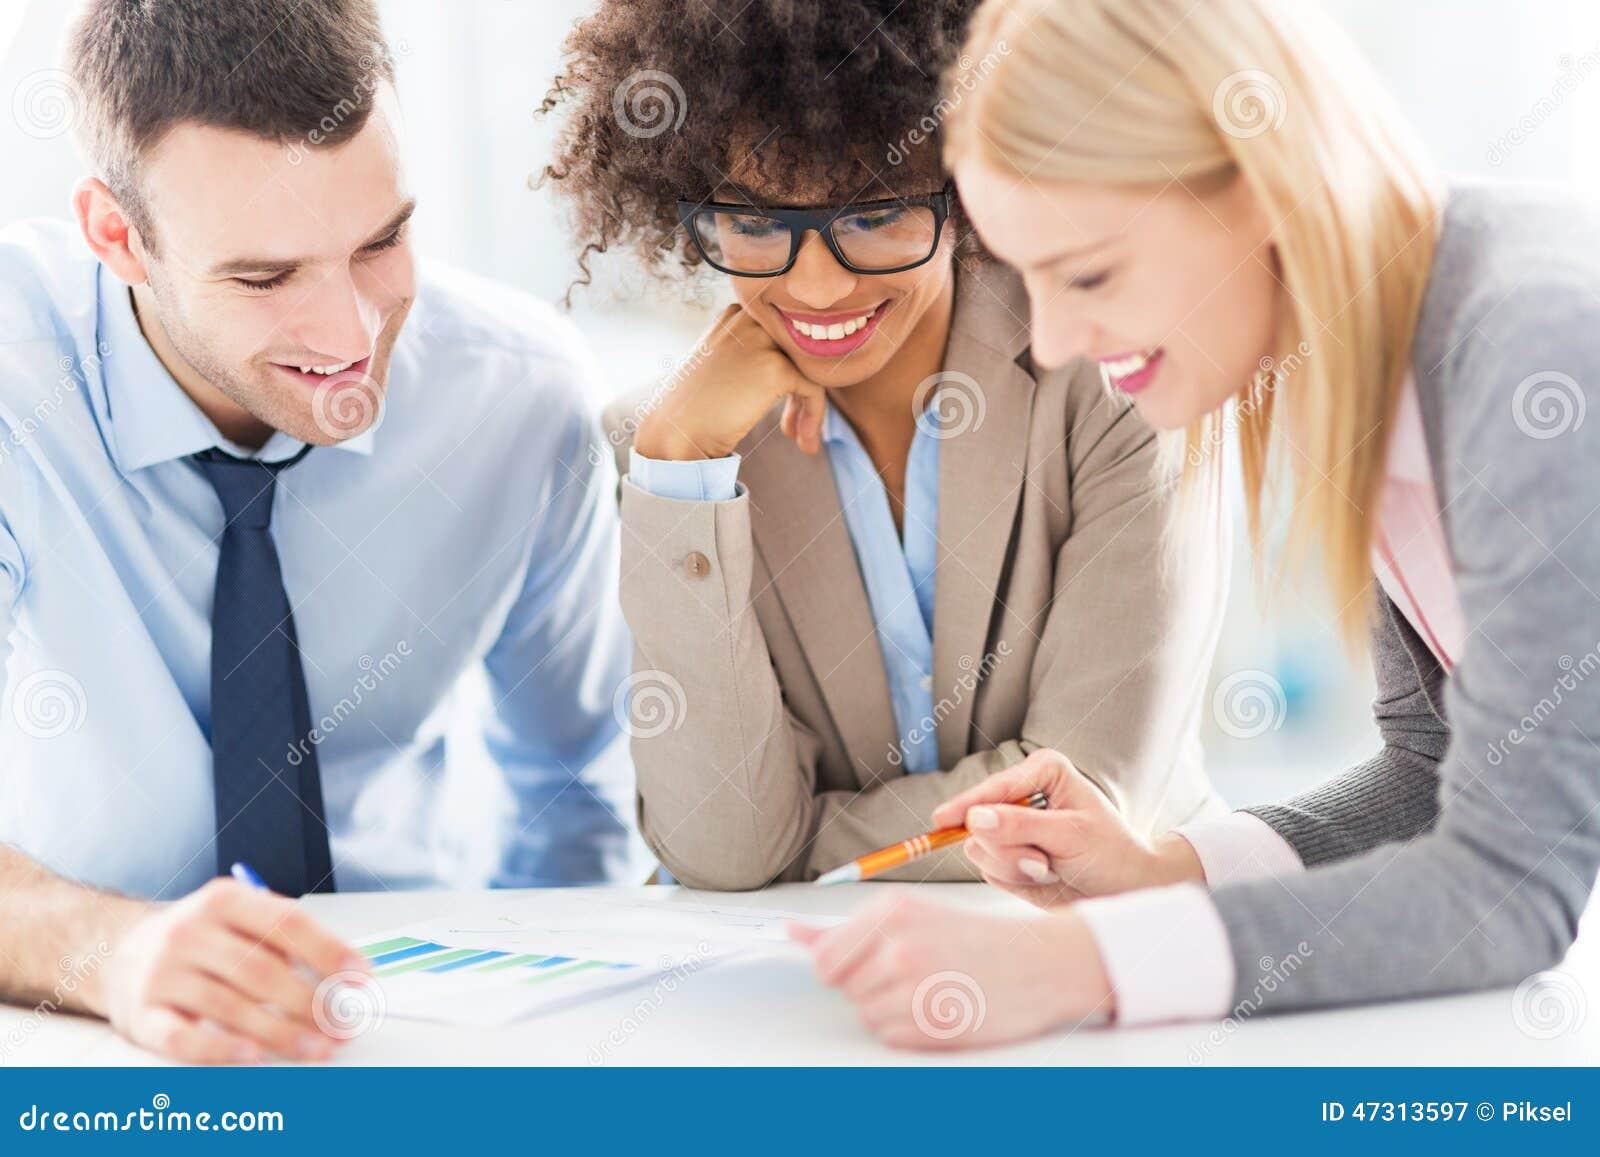 Junge Geschäftsleute, die im Büro sich besprechen